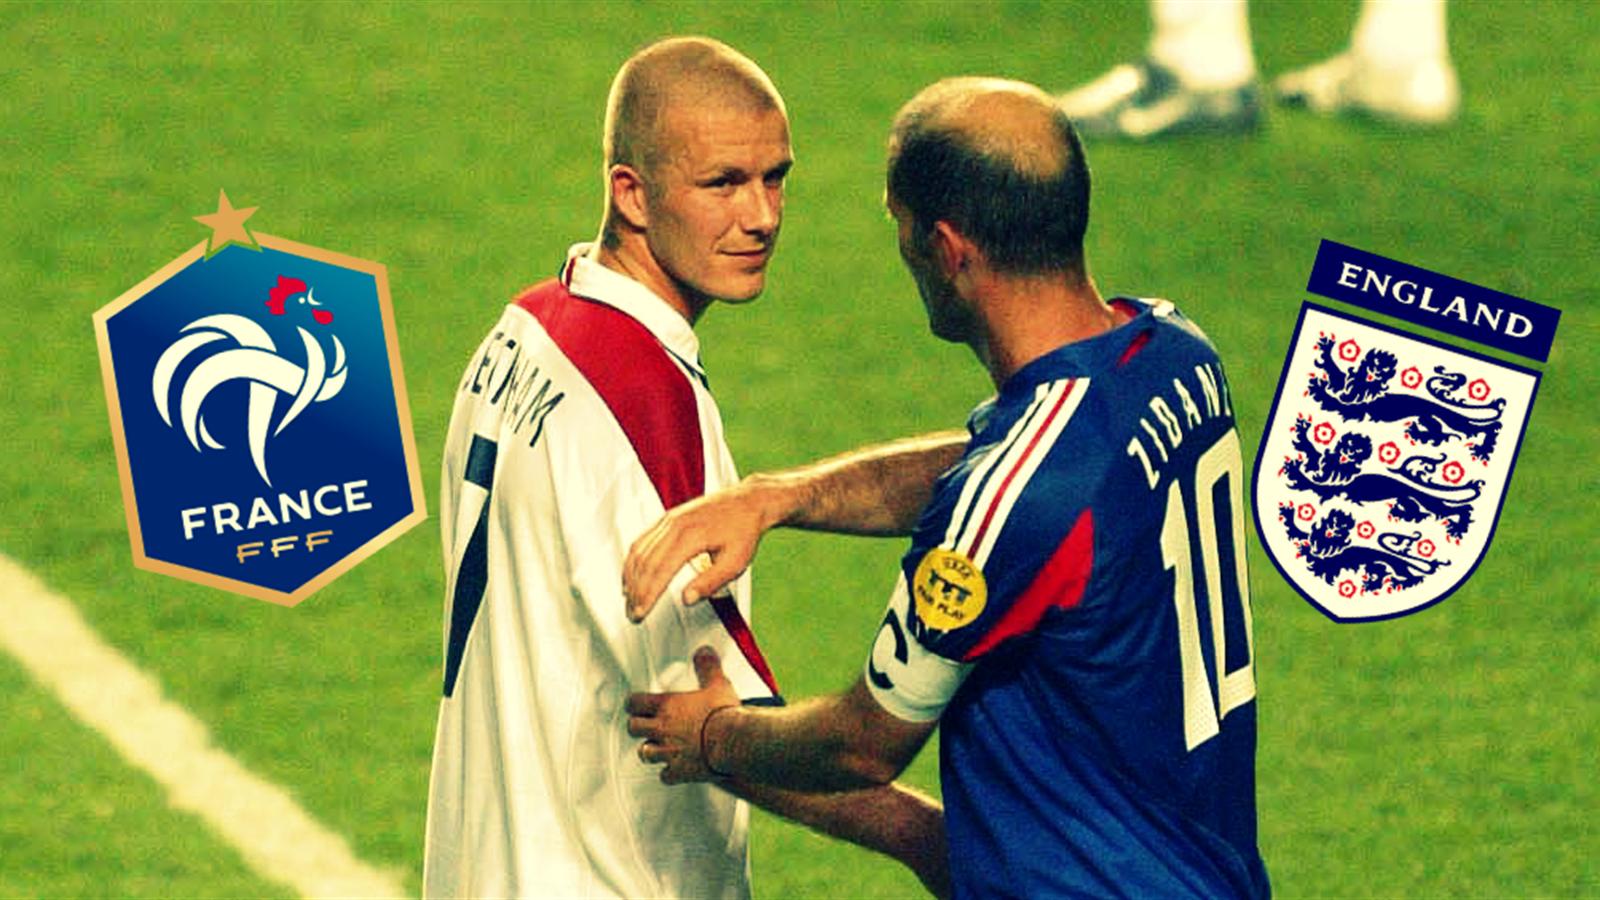 David Beckham et Zinédine Zidane, adversaires lors d'un mémorable France-Angleterre à l'Euro 2004.